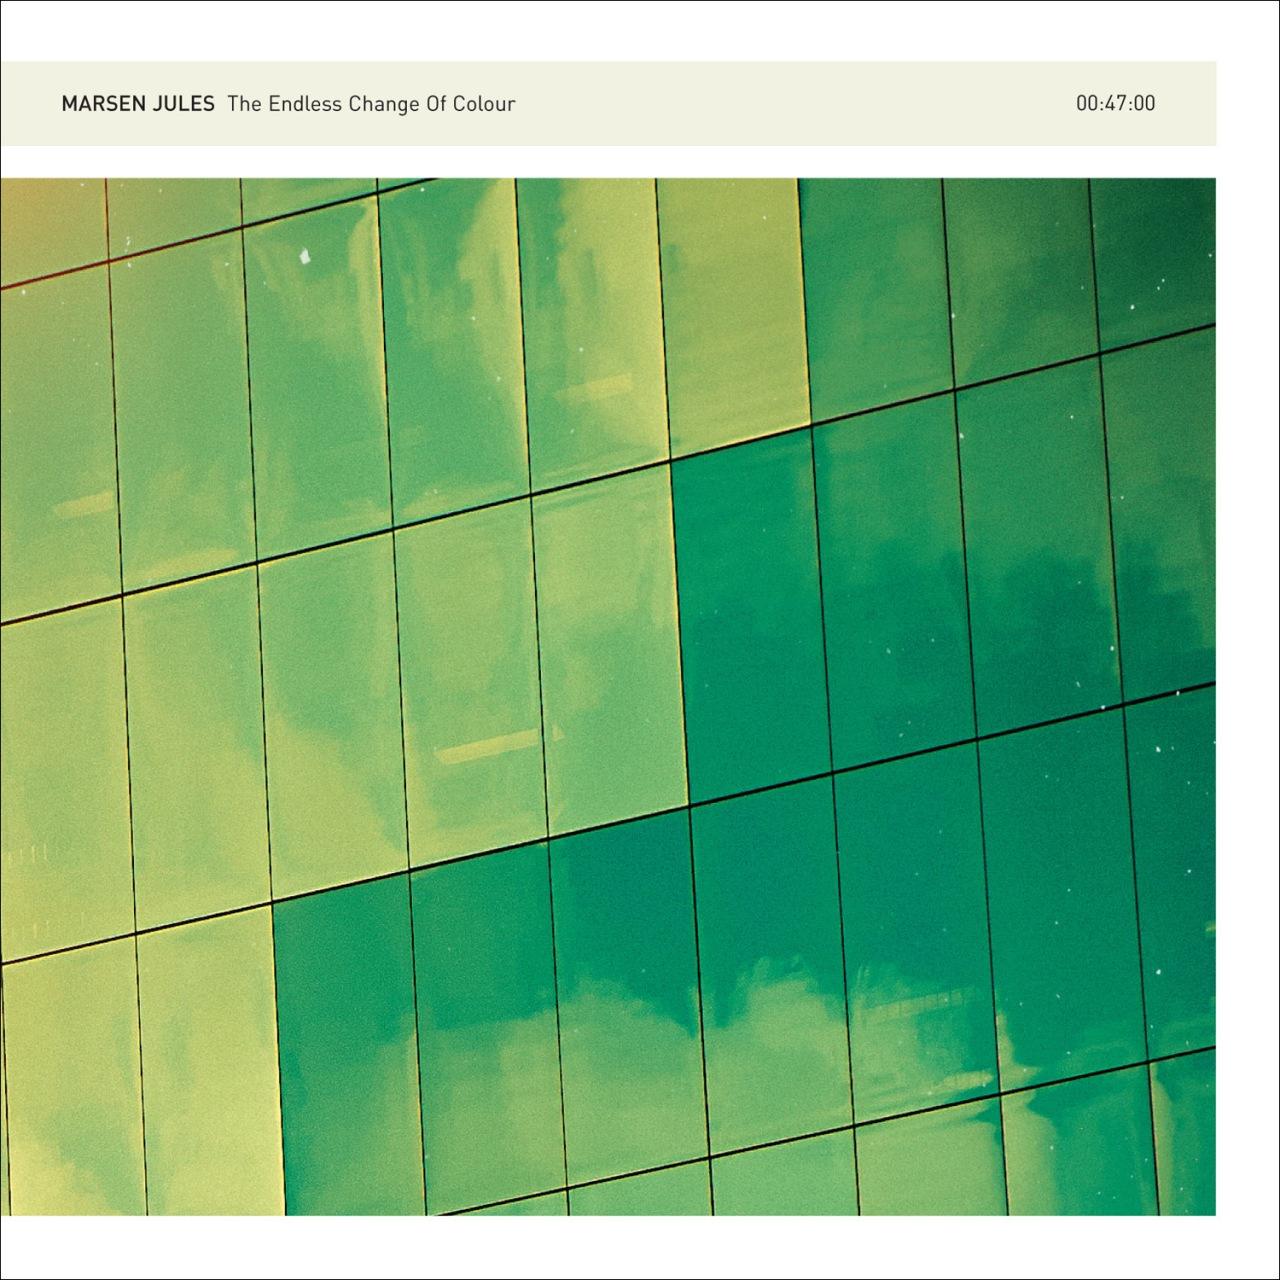 Marsen Jules ~ The Endless Change of Colour / Marsen Jules Trio ~ PrésenceAcousmatique